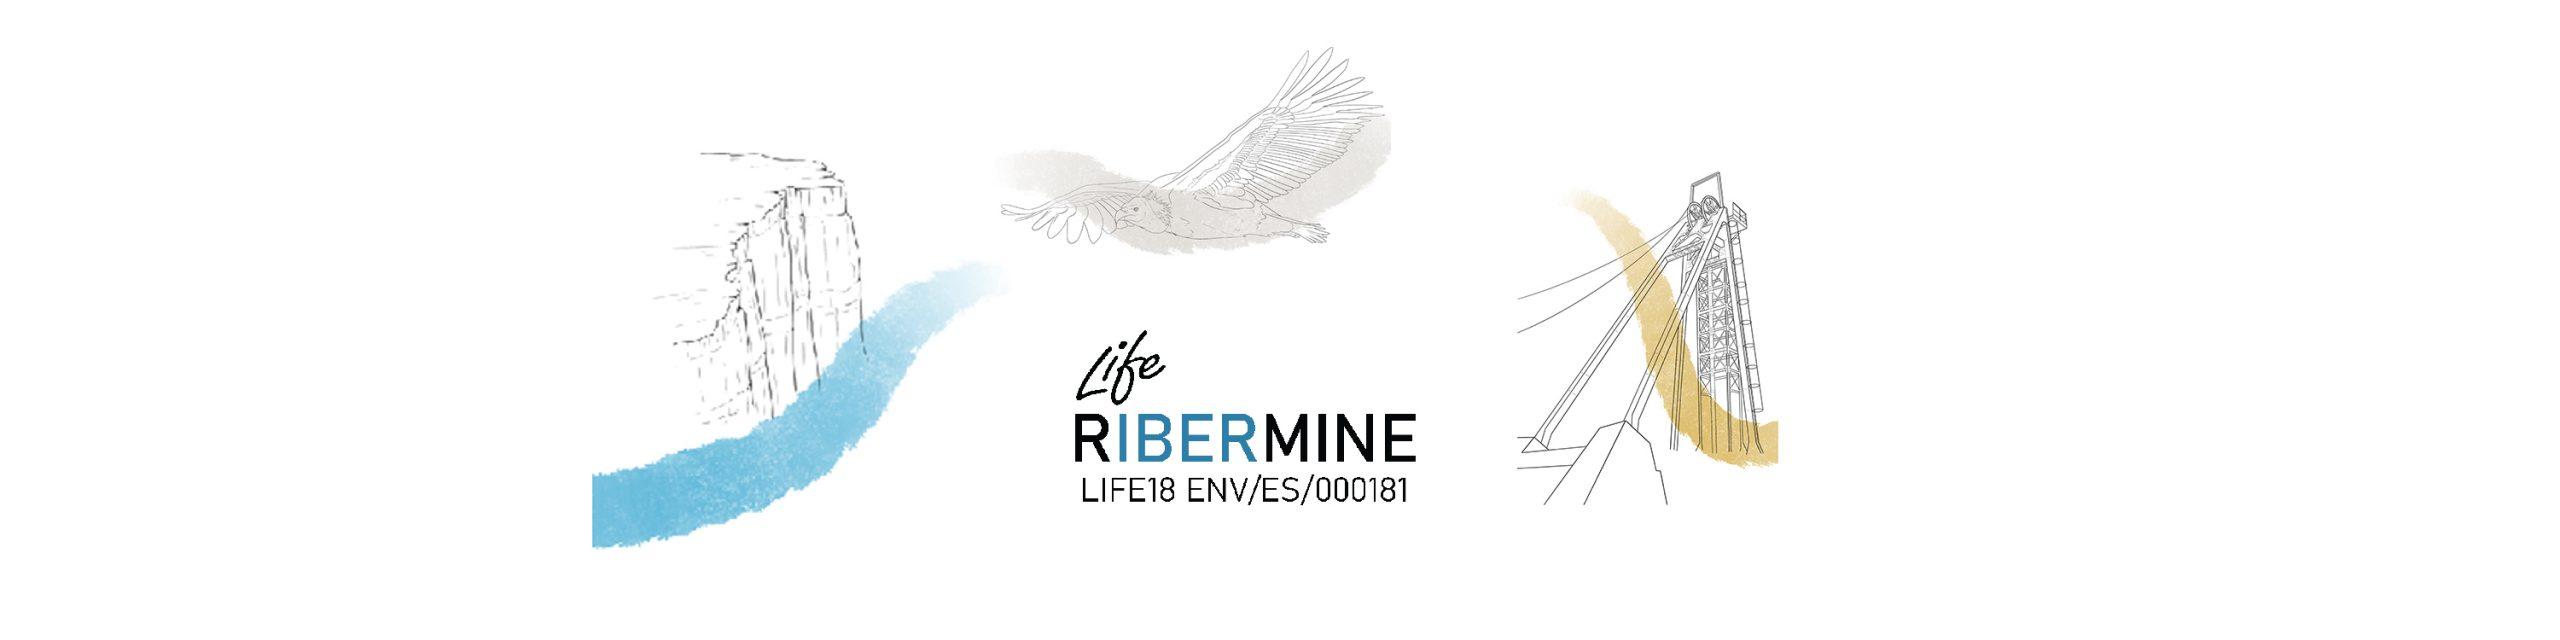 LIFE RIBERMINE es una noticia destacada en el Máster de Restauración de Ecosistemas – MURE, en la Universidad de Alcalá.